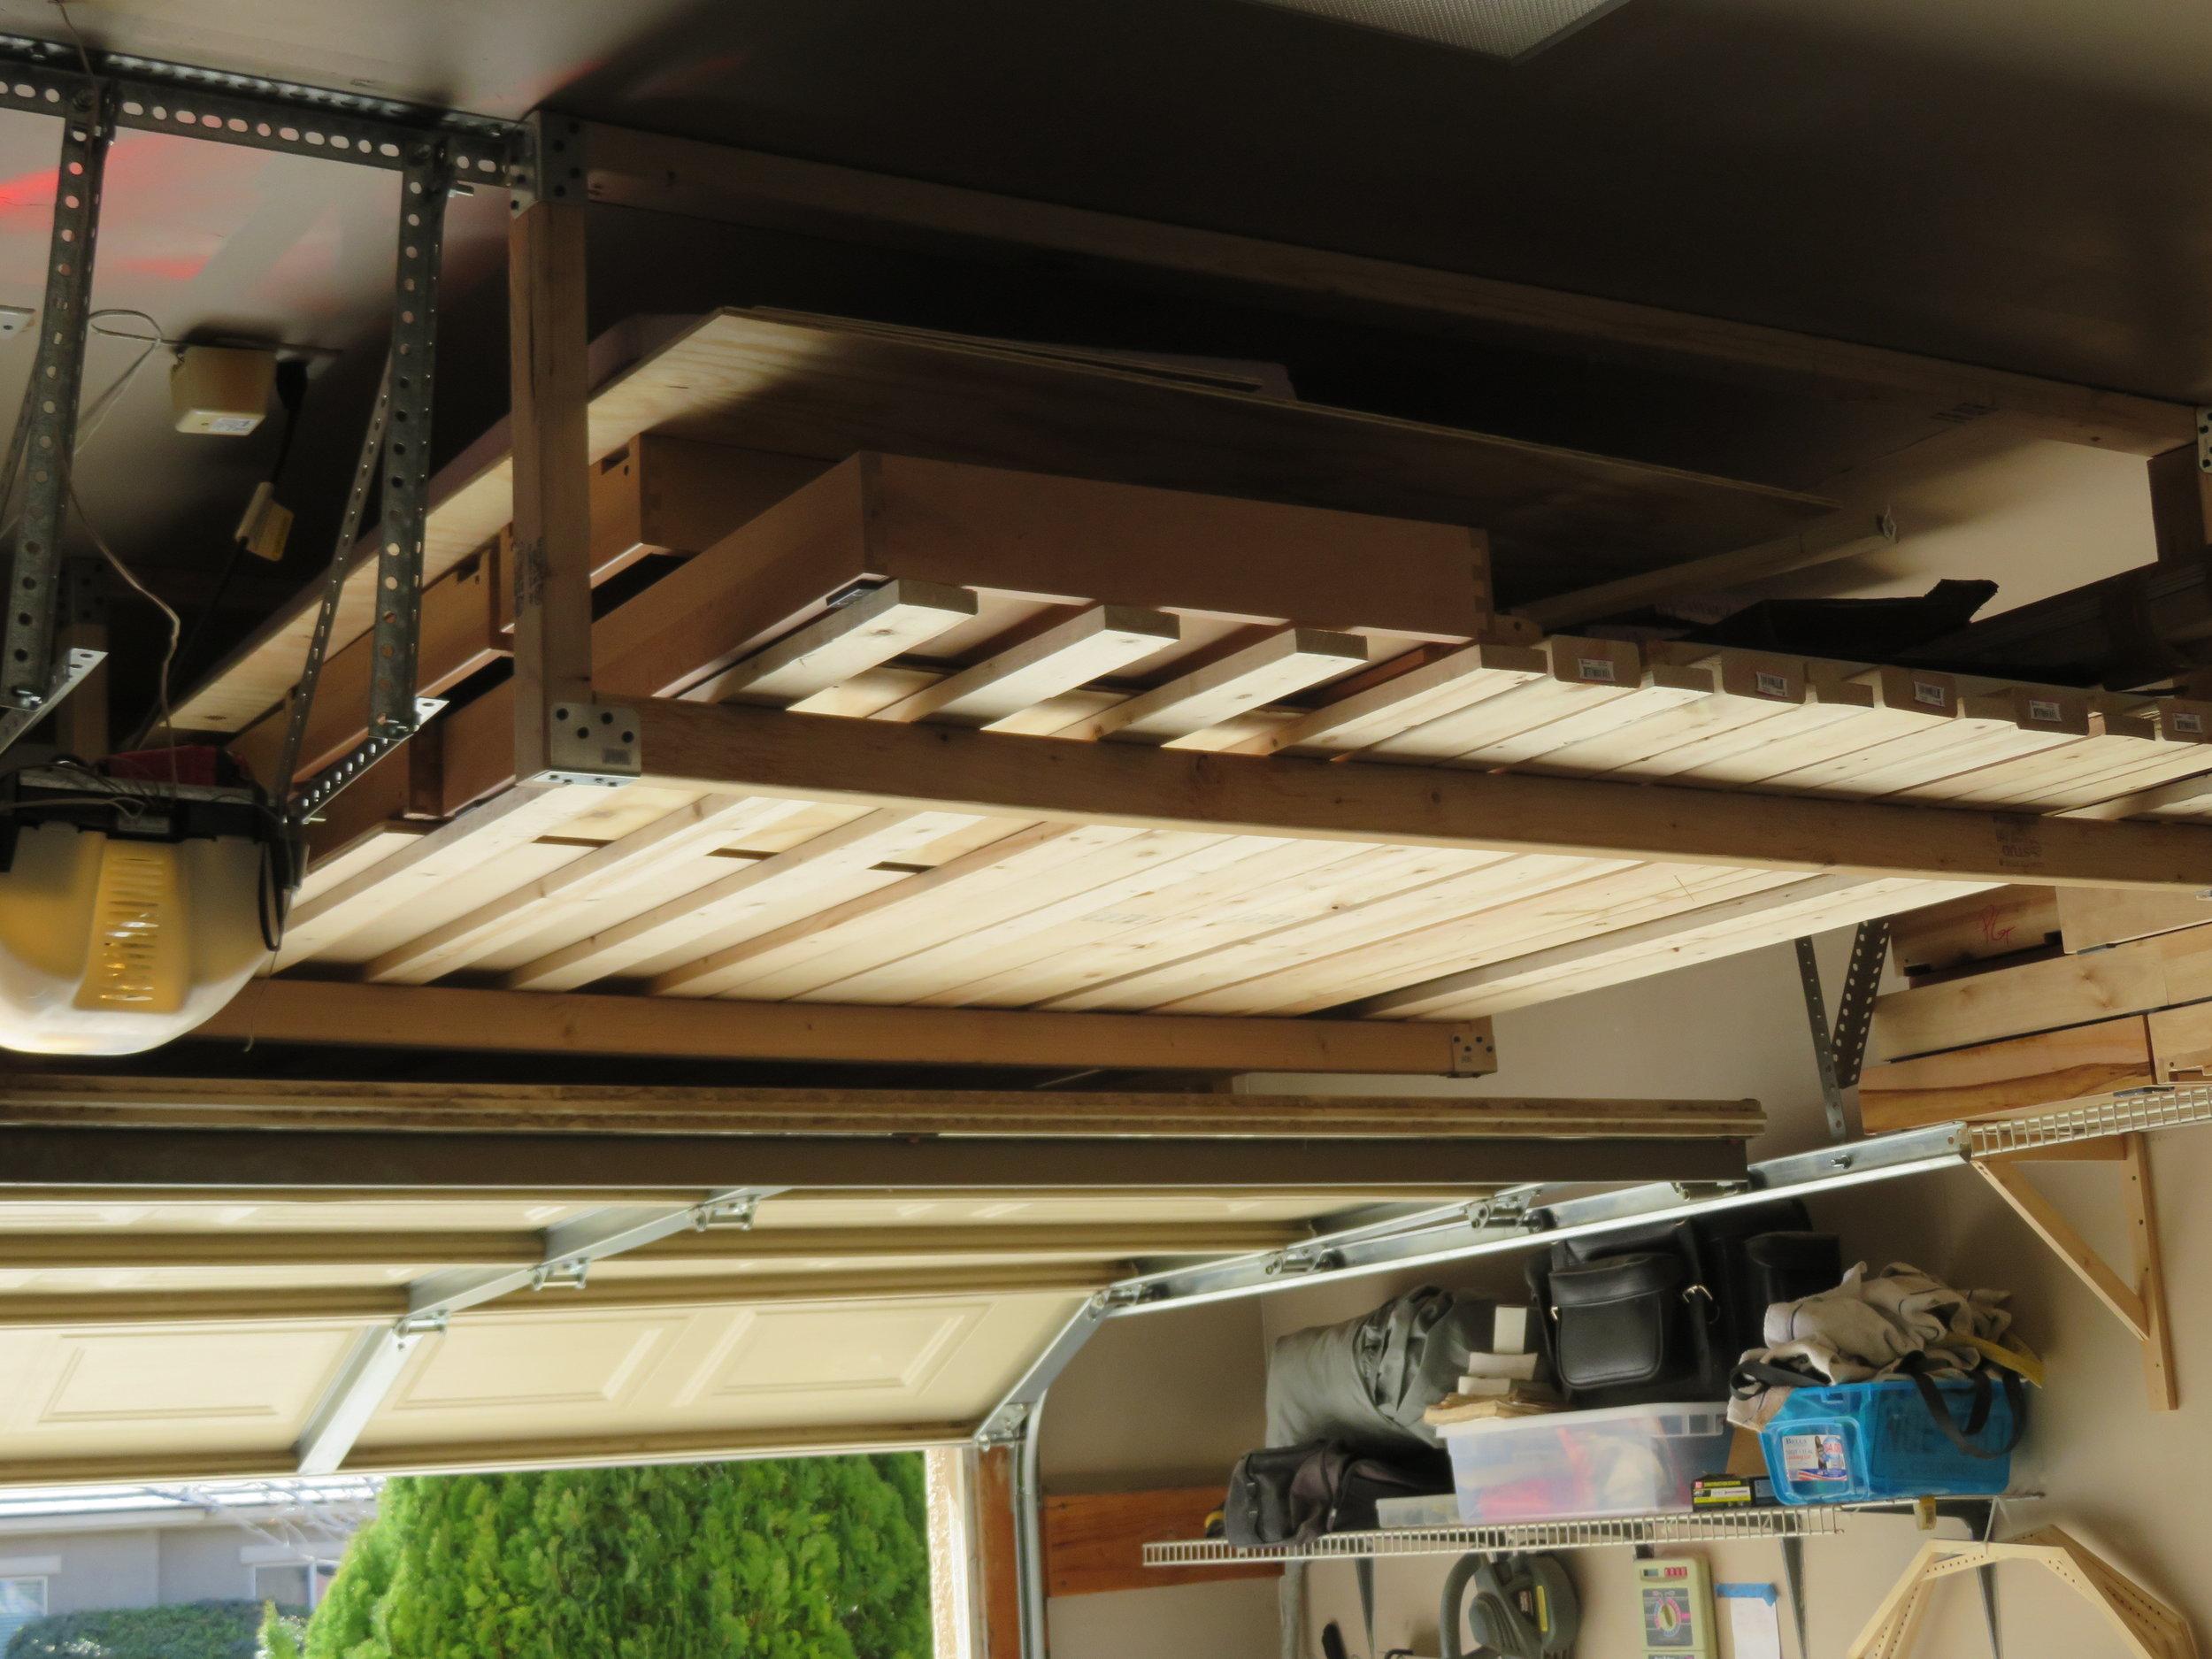 Rafter storage in the garage